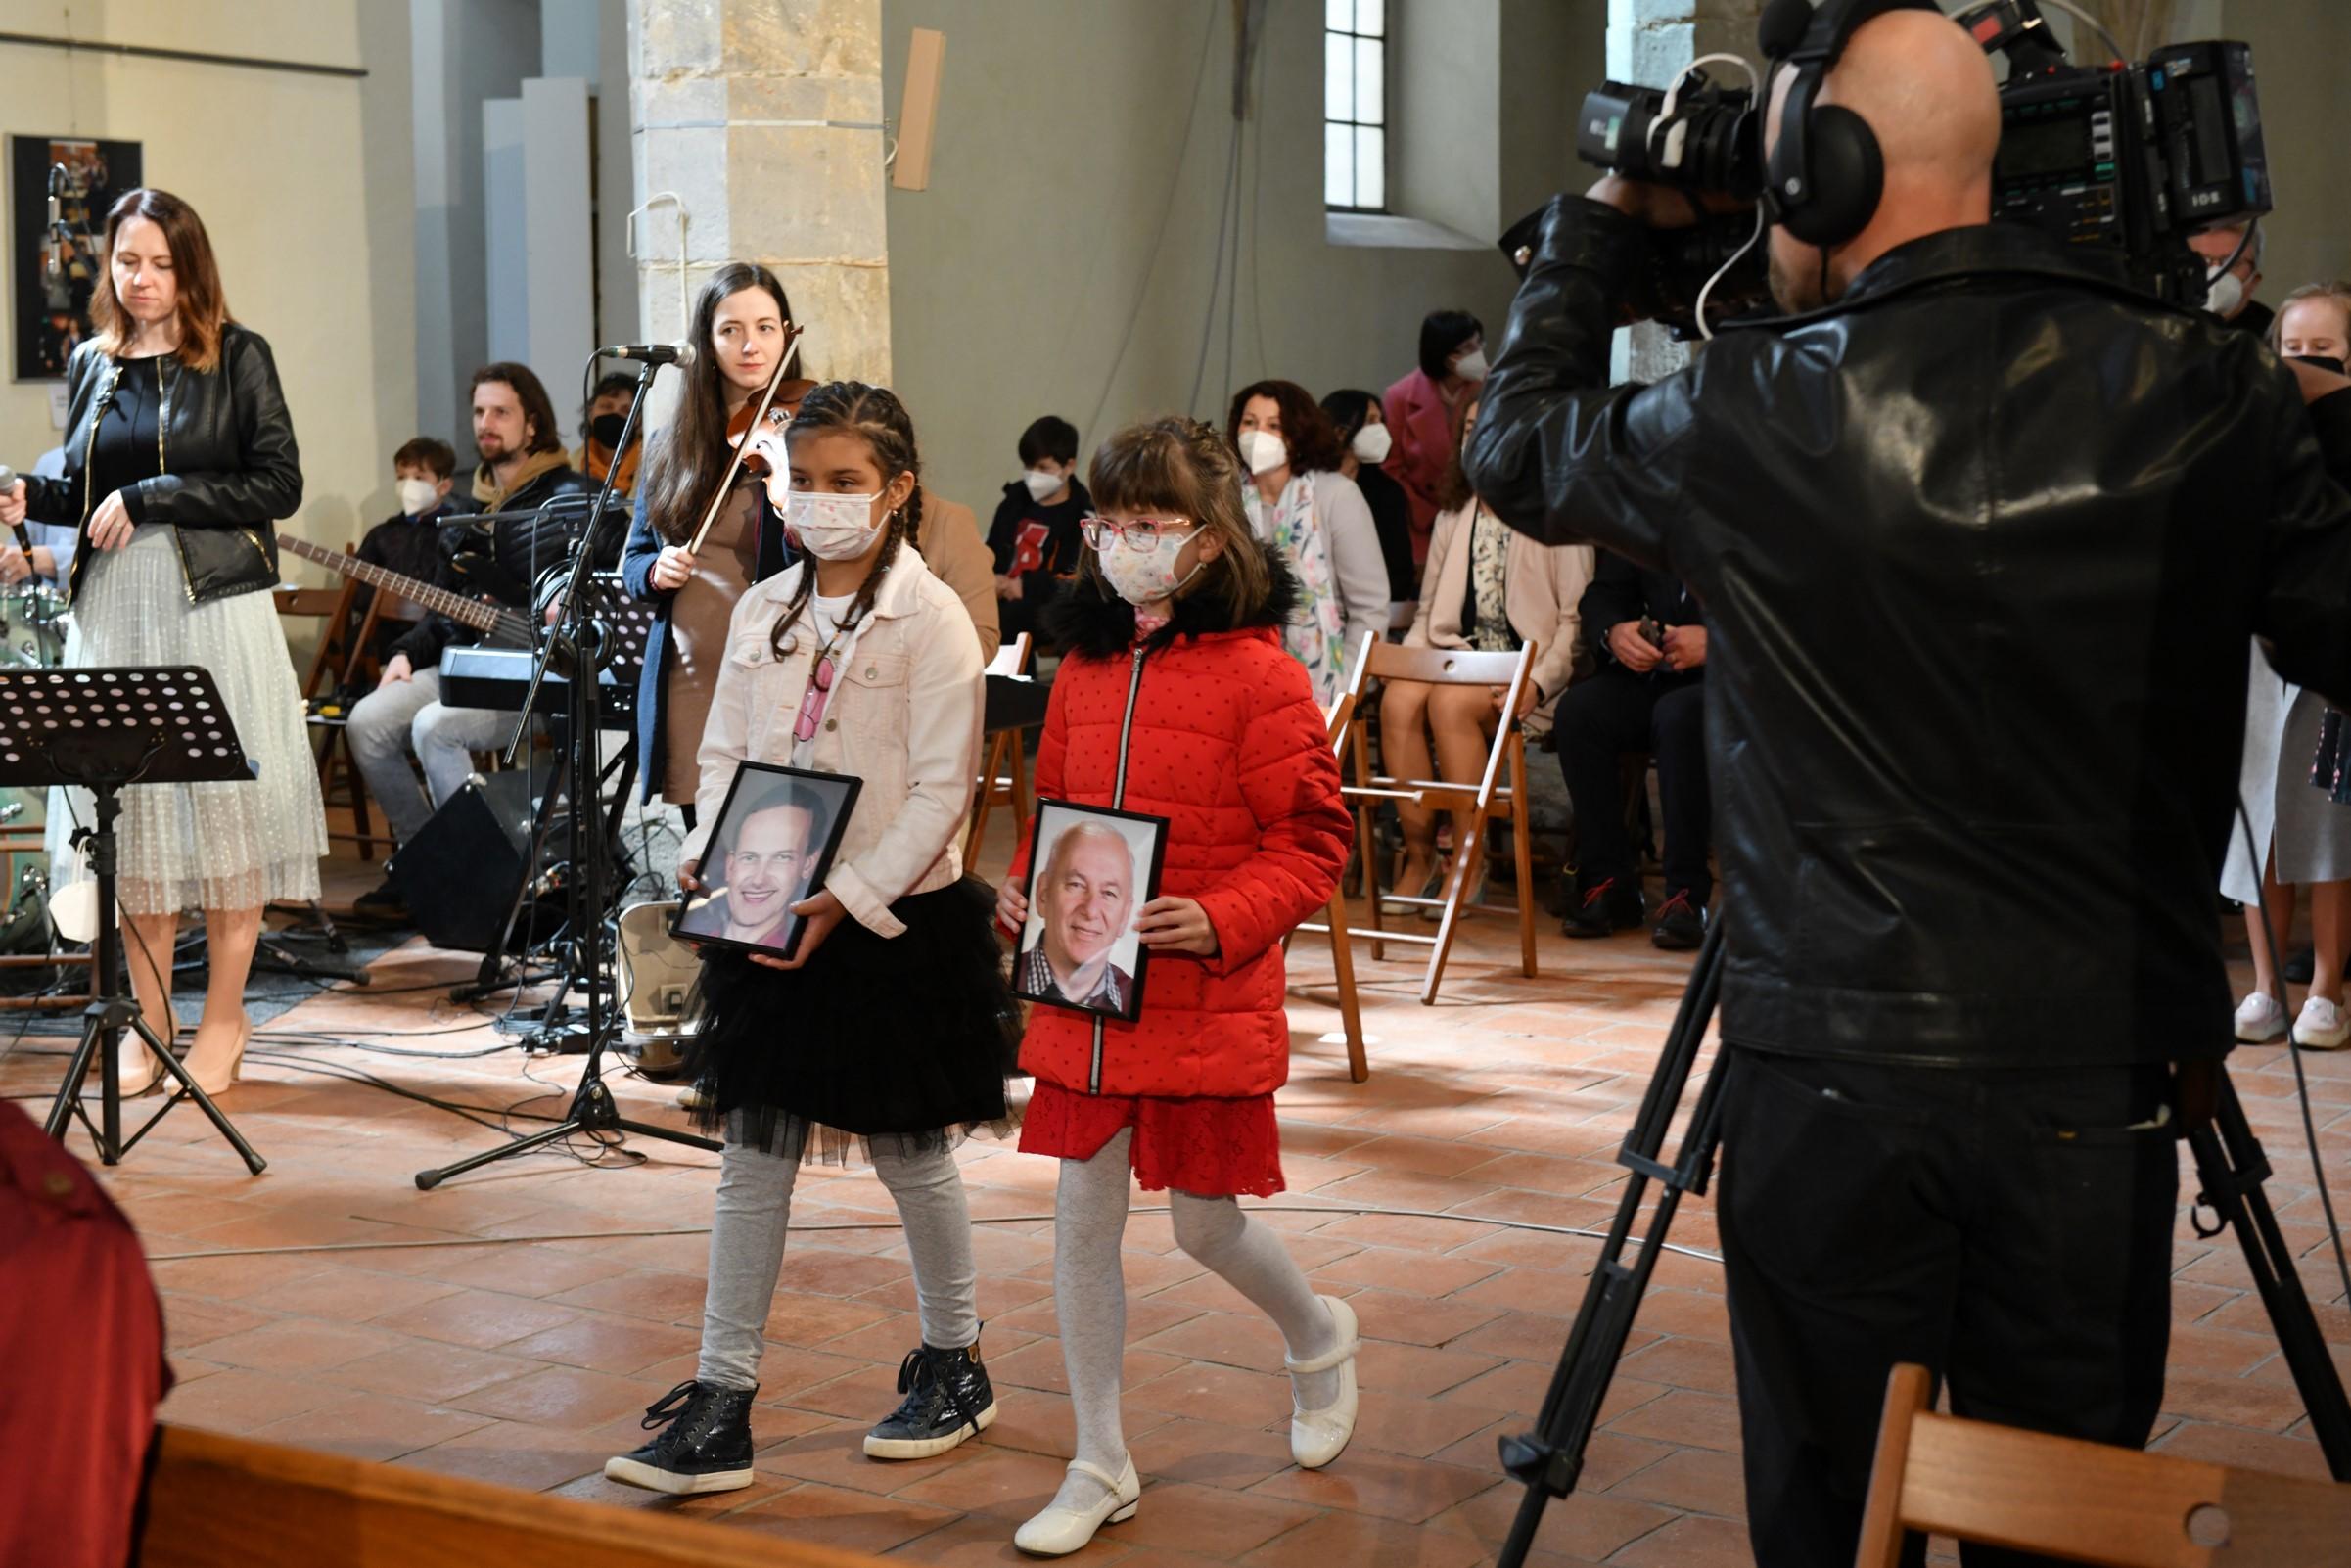 Fotogalerie: Děkovná mše svatá za 15 let vysílání televize Noe s arcibiskupem Graubnerem